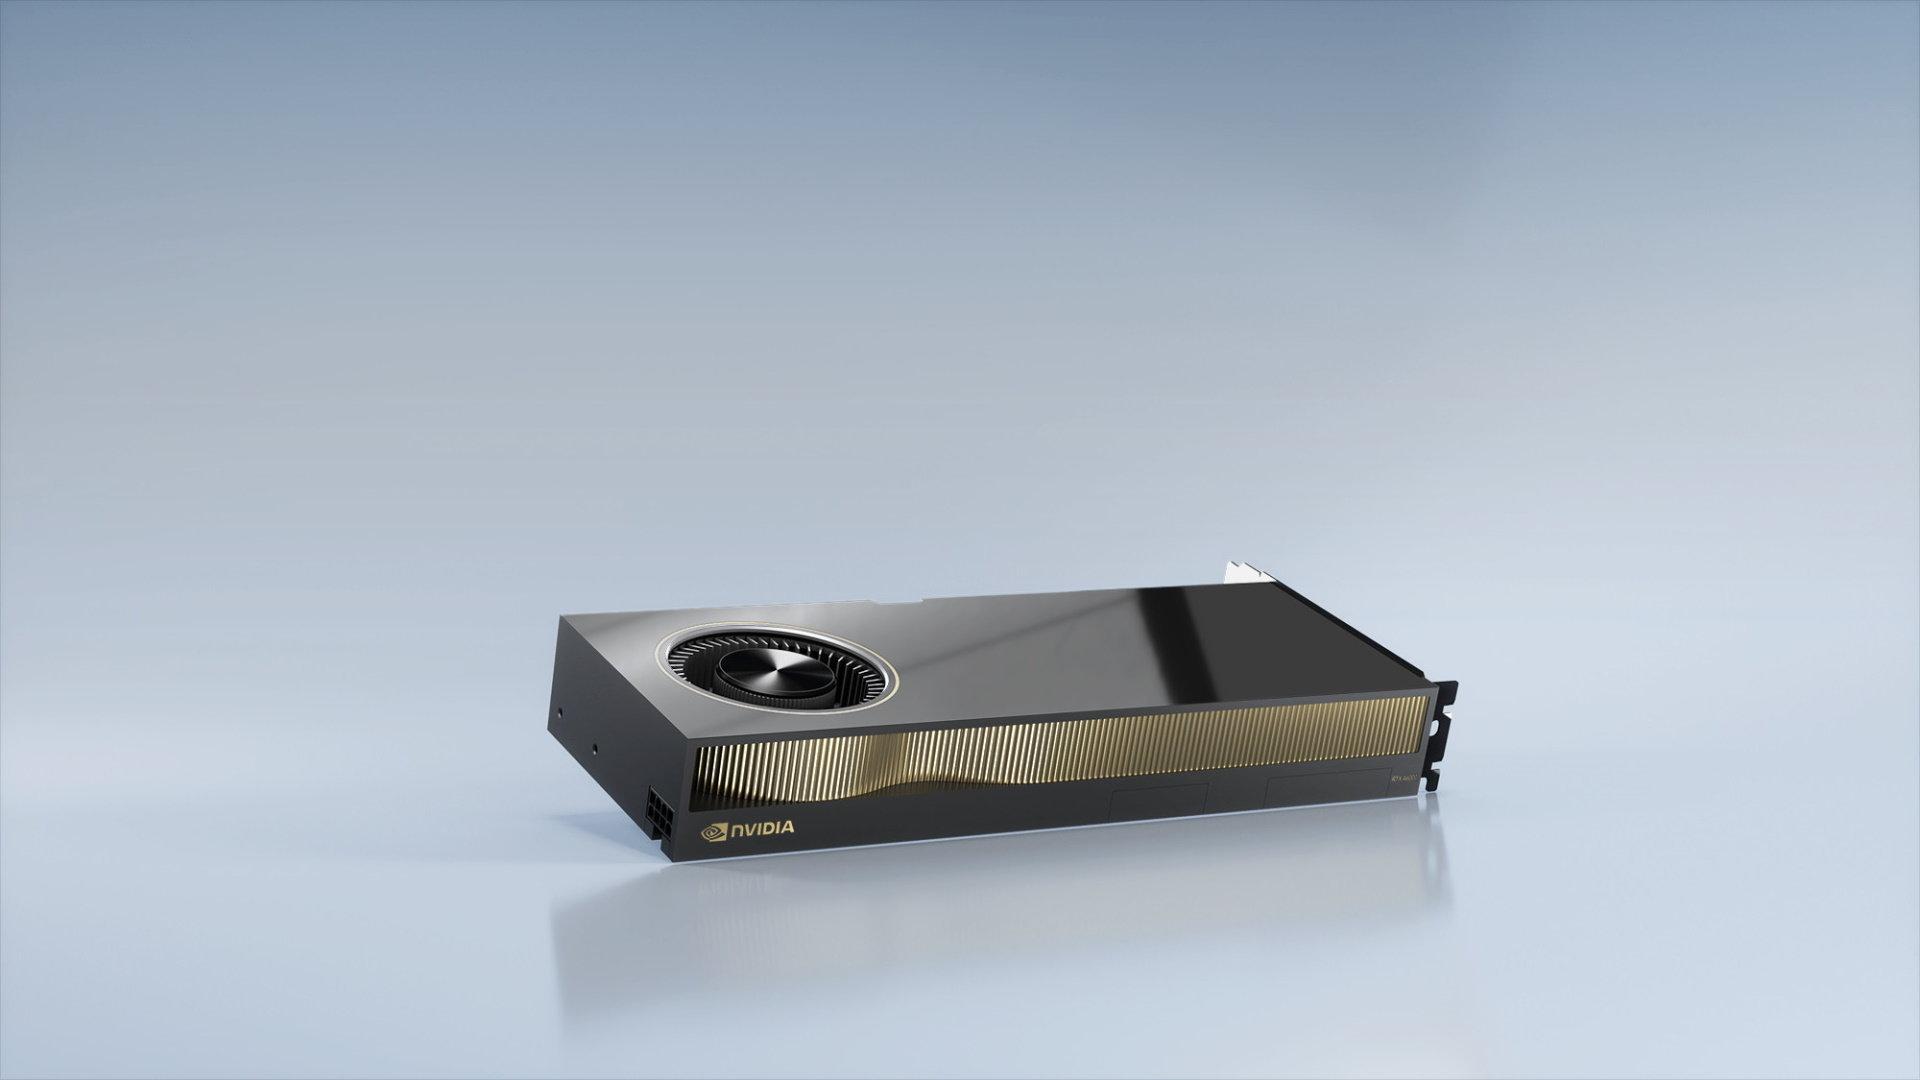 プロ向けGPUもAmpereアーキテクチャを採用! 「NVIDIA RTX A6000」「NVIDIA A40」登場 - ITmedia PC USER